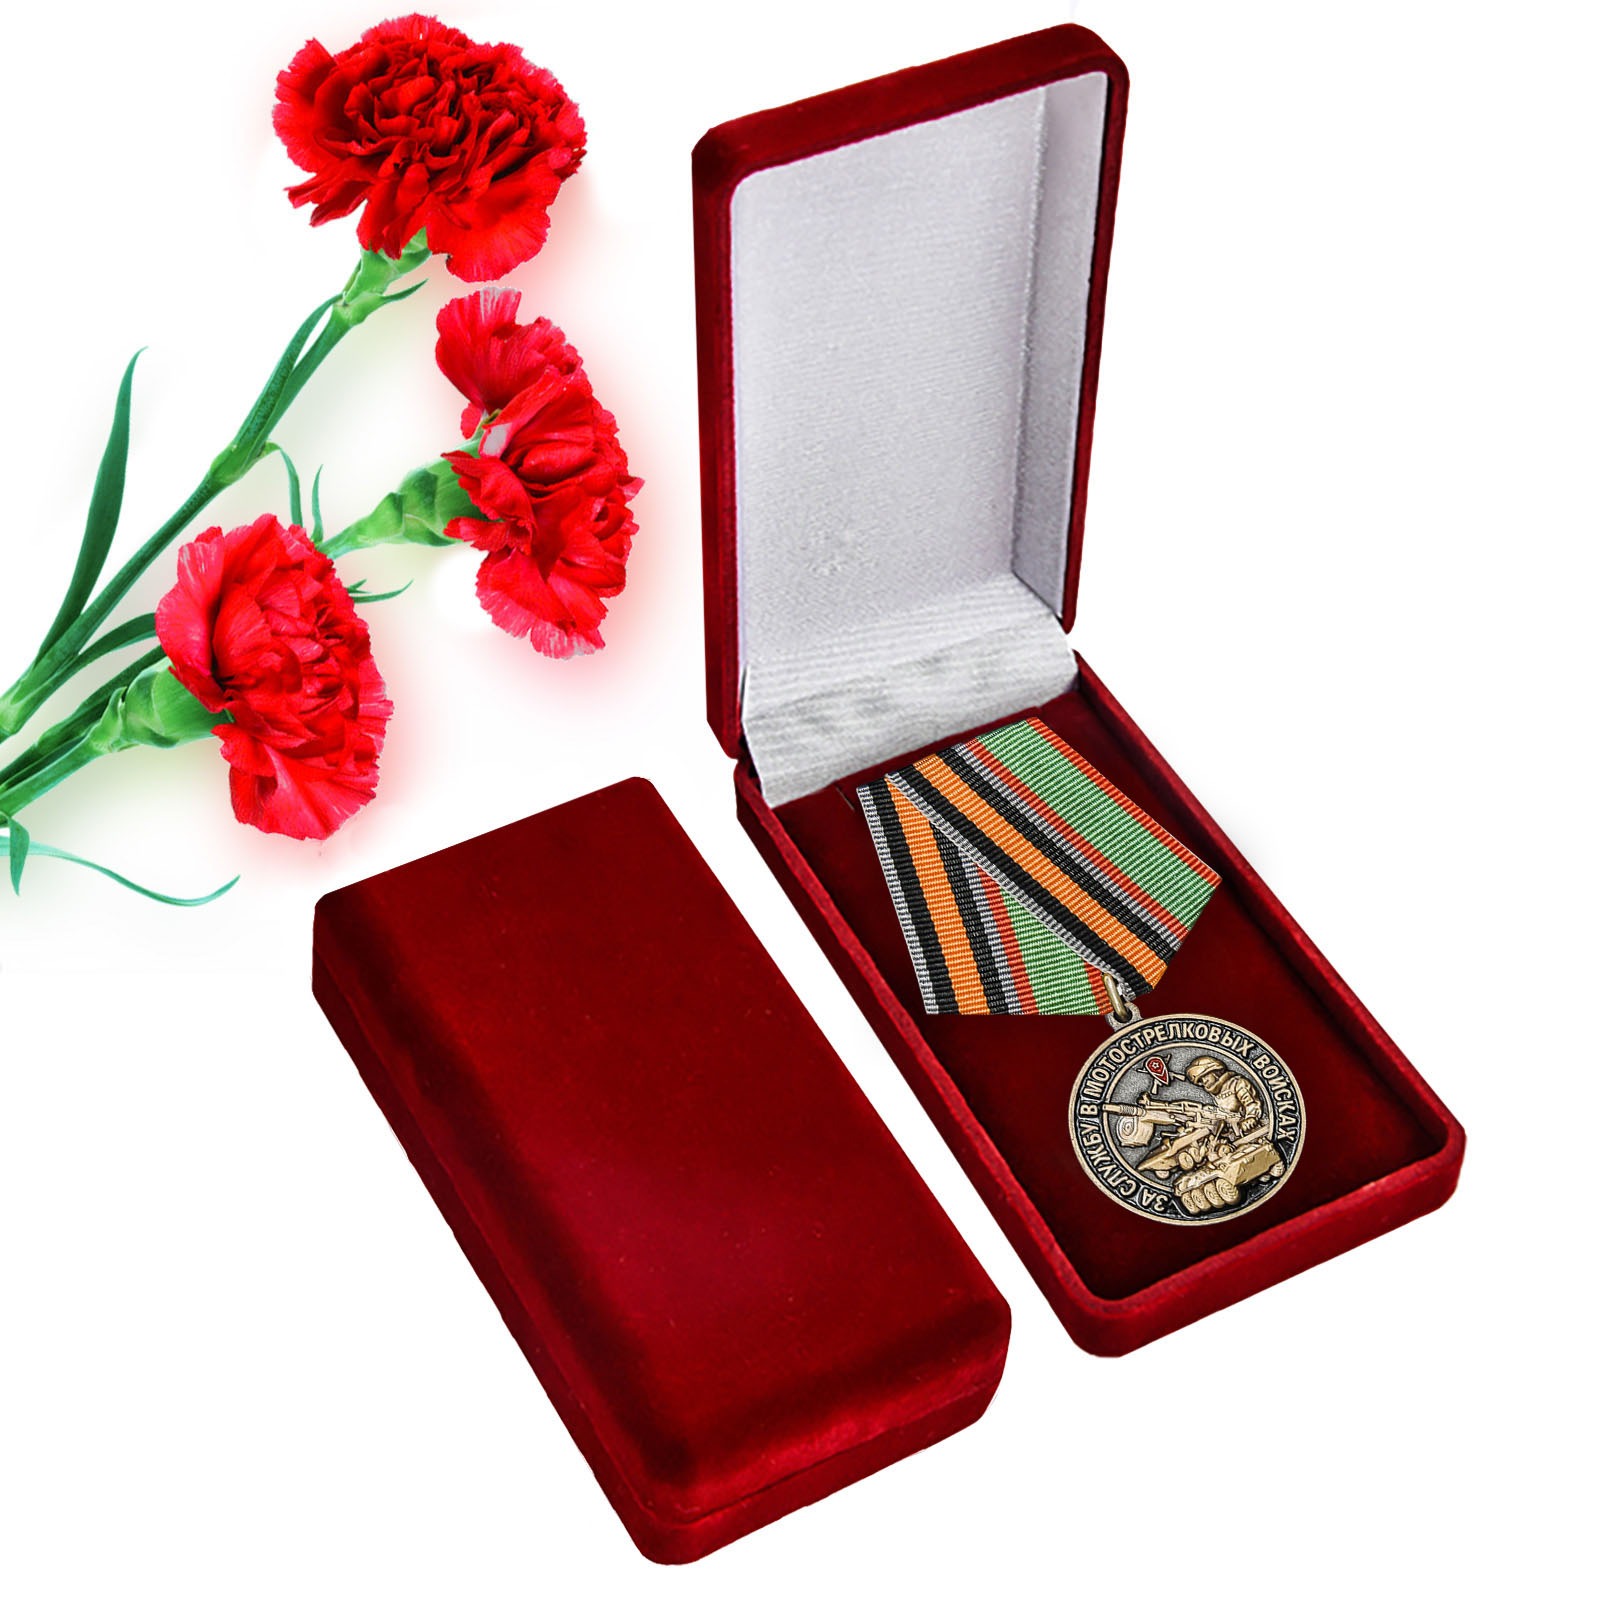 Купить медаль За службу в Мотострелковых войсках онлайн выгодно